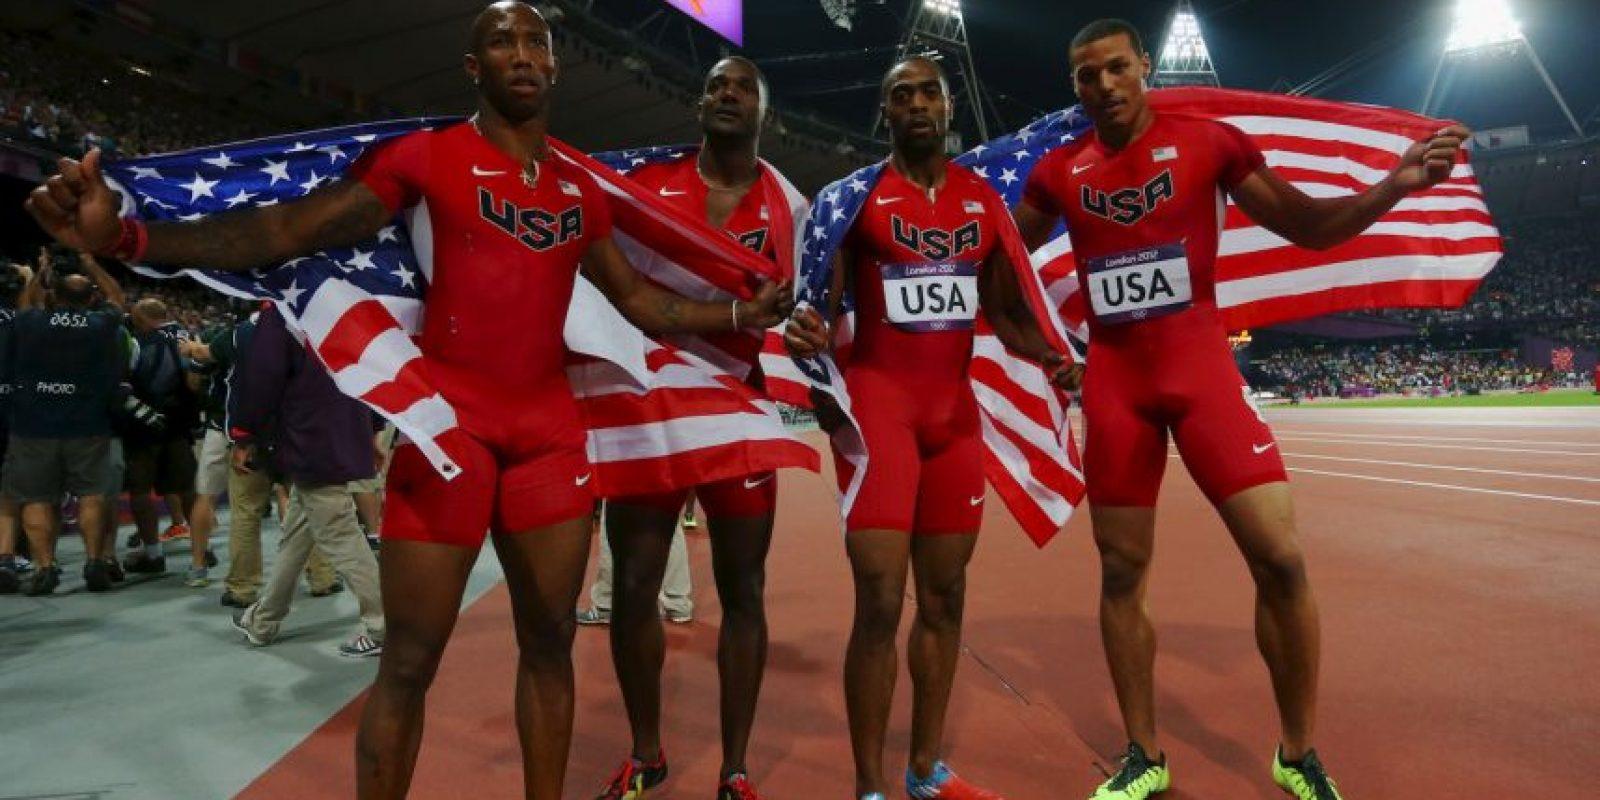 La medalla llegó tras un gran duelo mediático y sobre el tartán entre el equipo estadounidense, y el de Jamaica, liderado por Usain Bolt. Foto:Getty Images